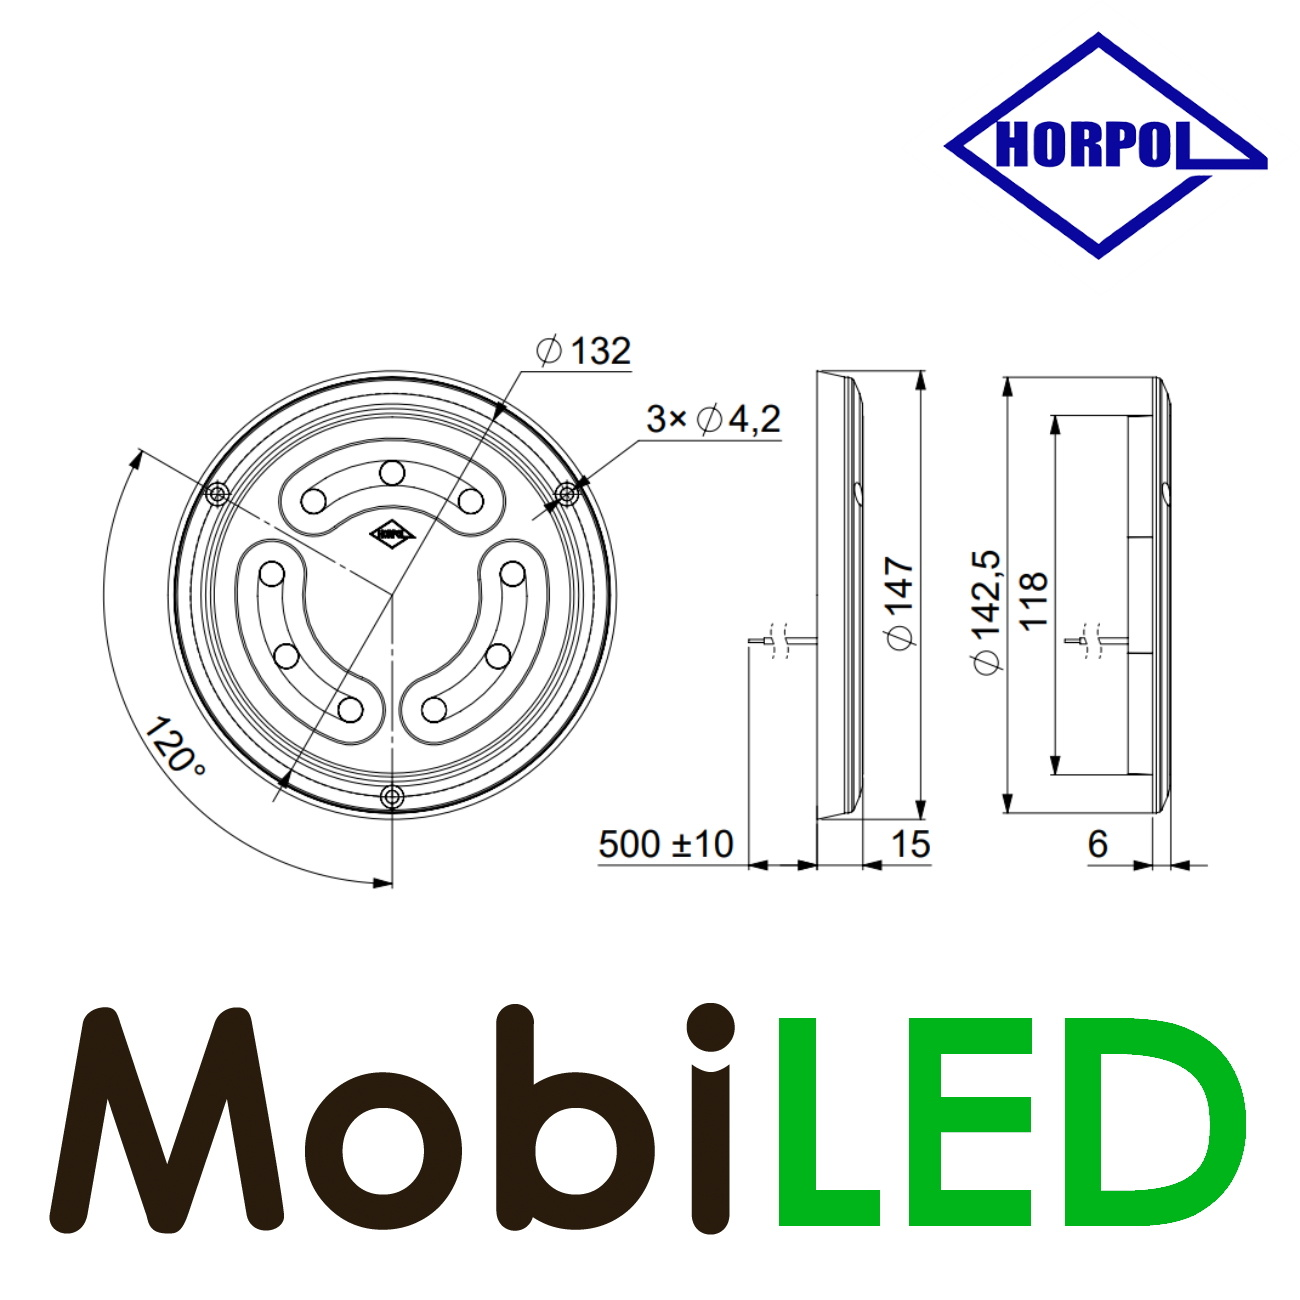 HORPOL Binnenverlichting rond zonder schakelaar 12-24 volt